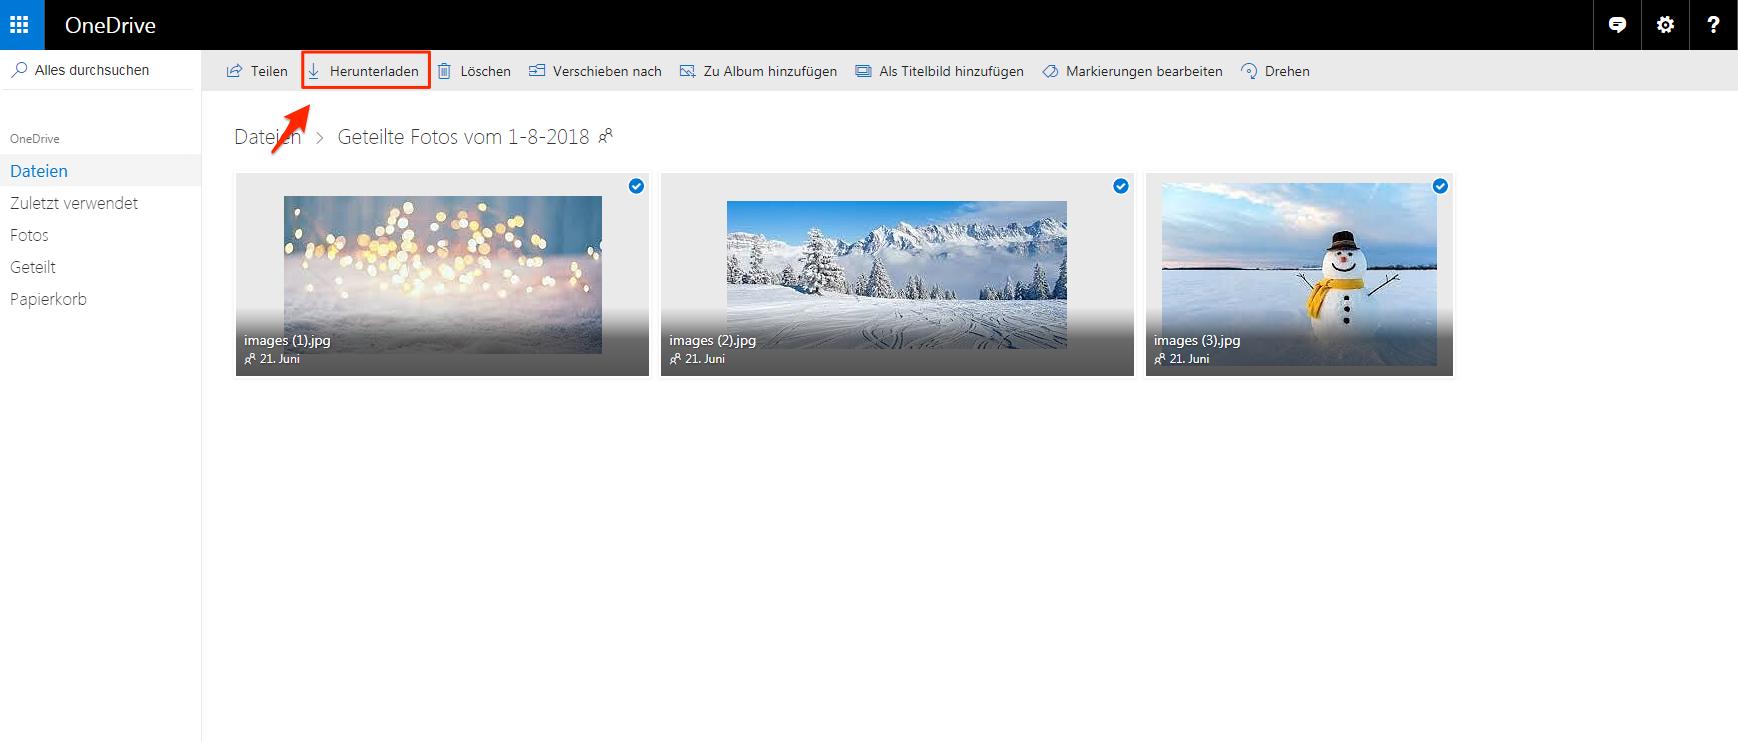 Geteilte Dateien von OneDrive synchronisieren Windows 10